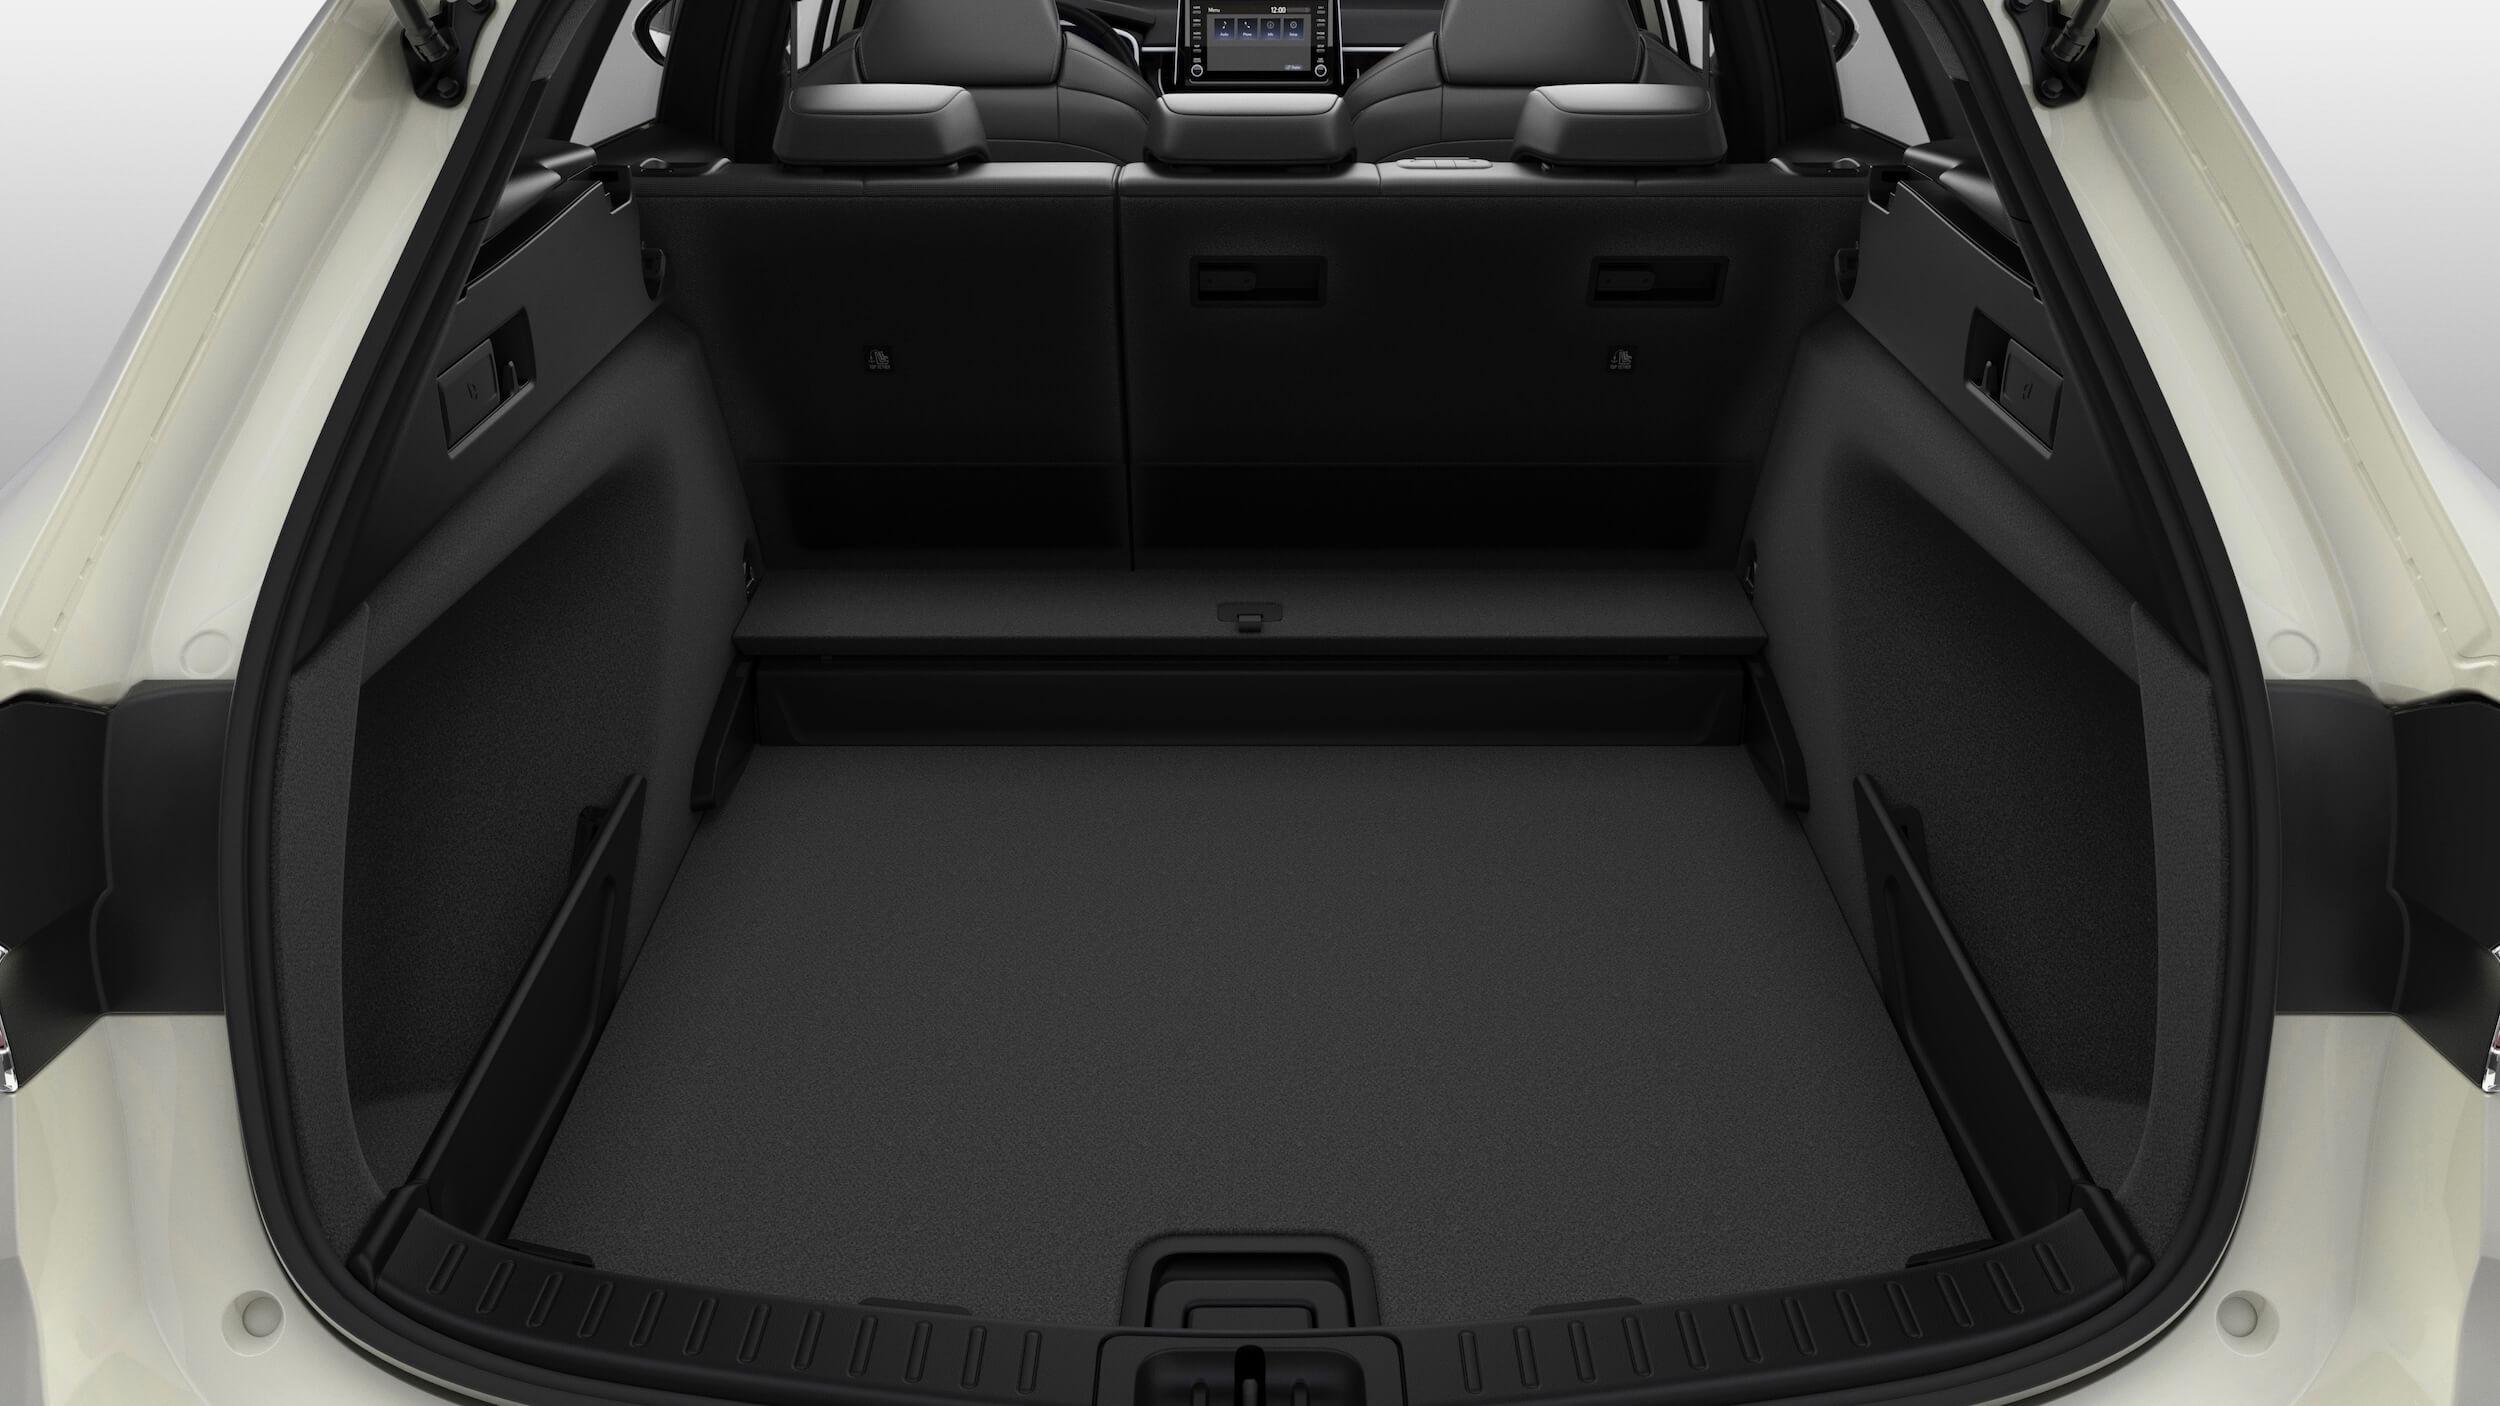 Suzuki Swace hybride koffer opbergvak